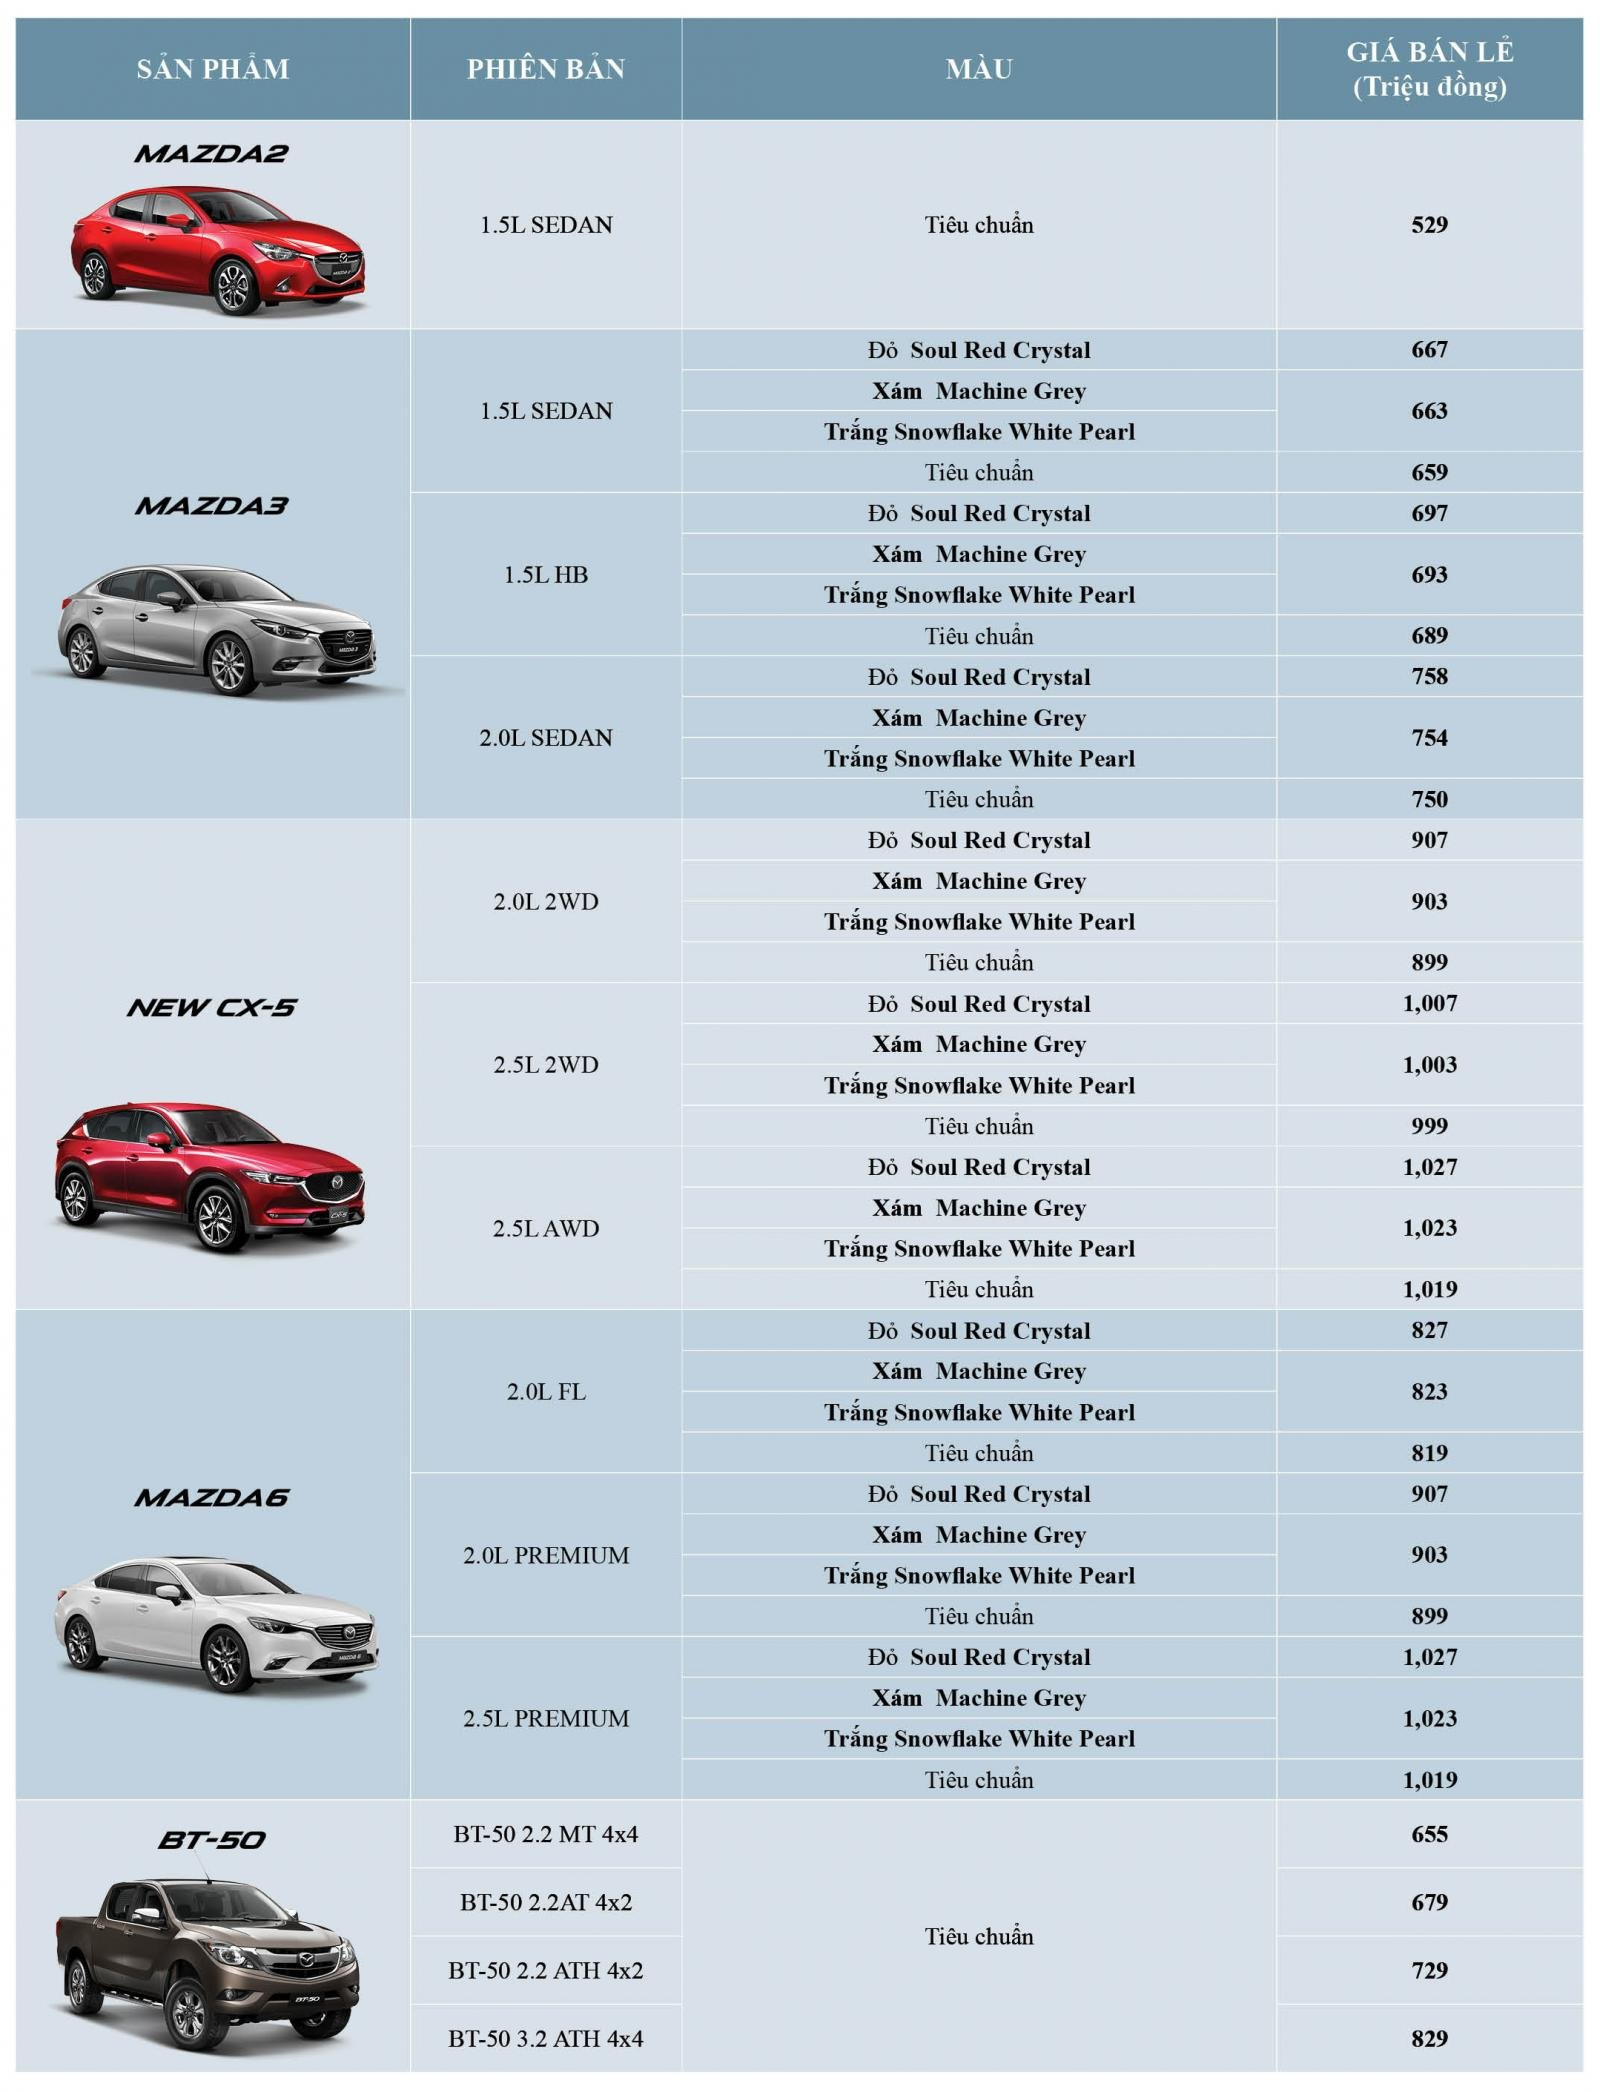 Loạt xe Mazda có màu sơn mới, giá tăng cao nhất 8 triệu đồng a2